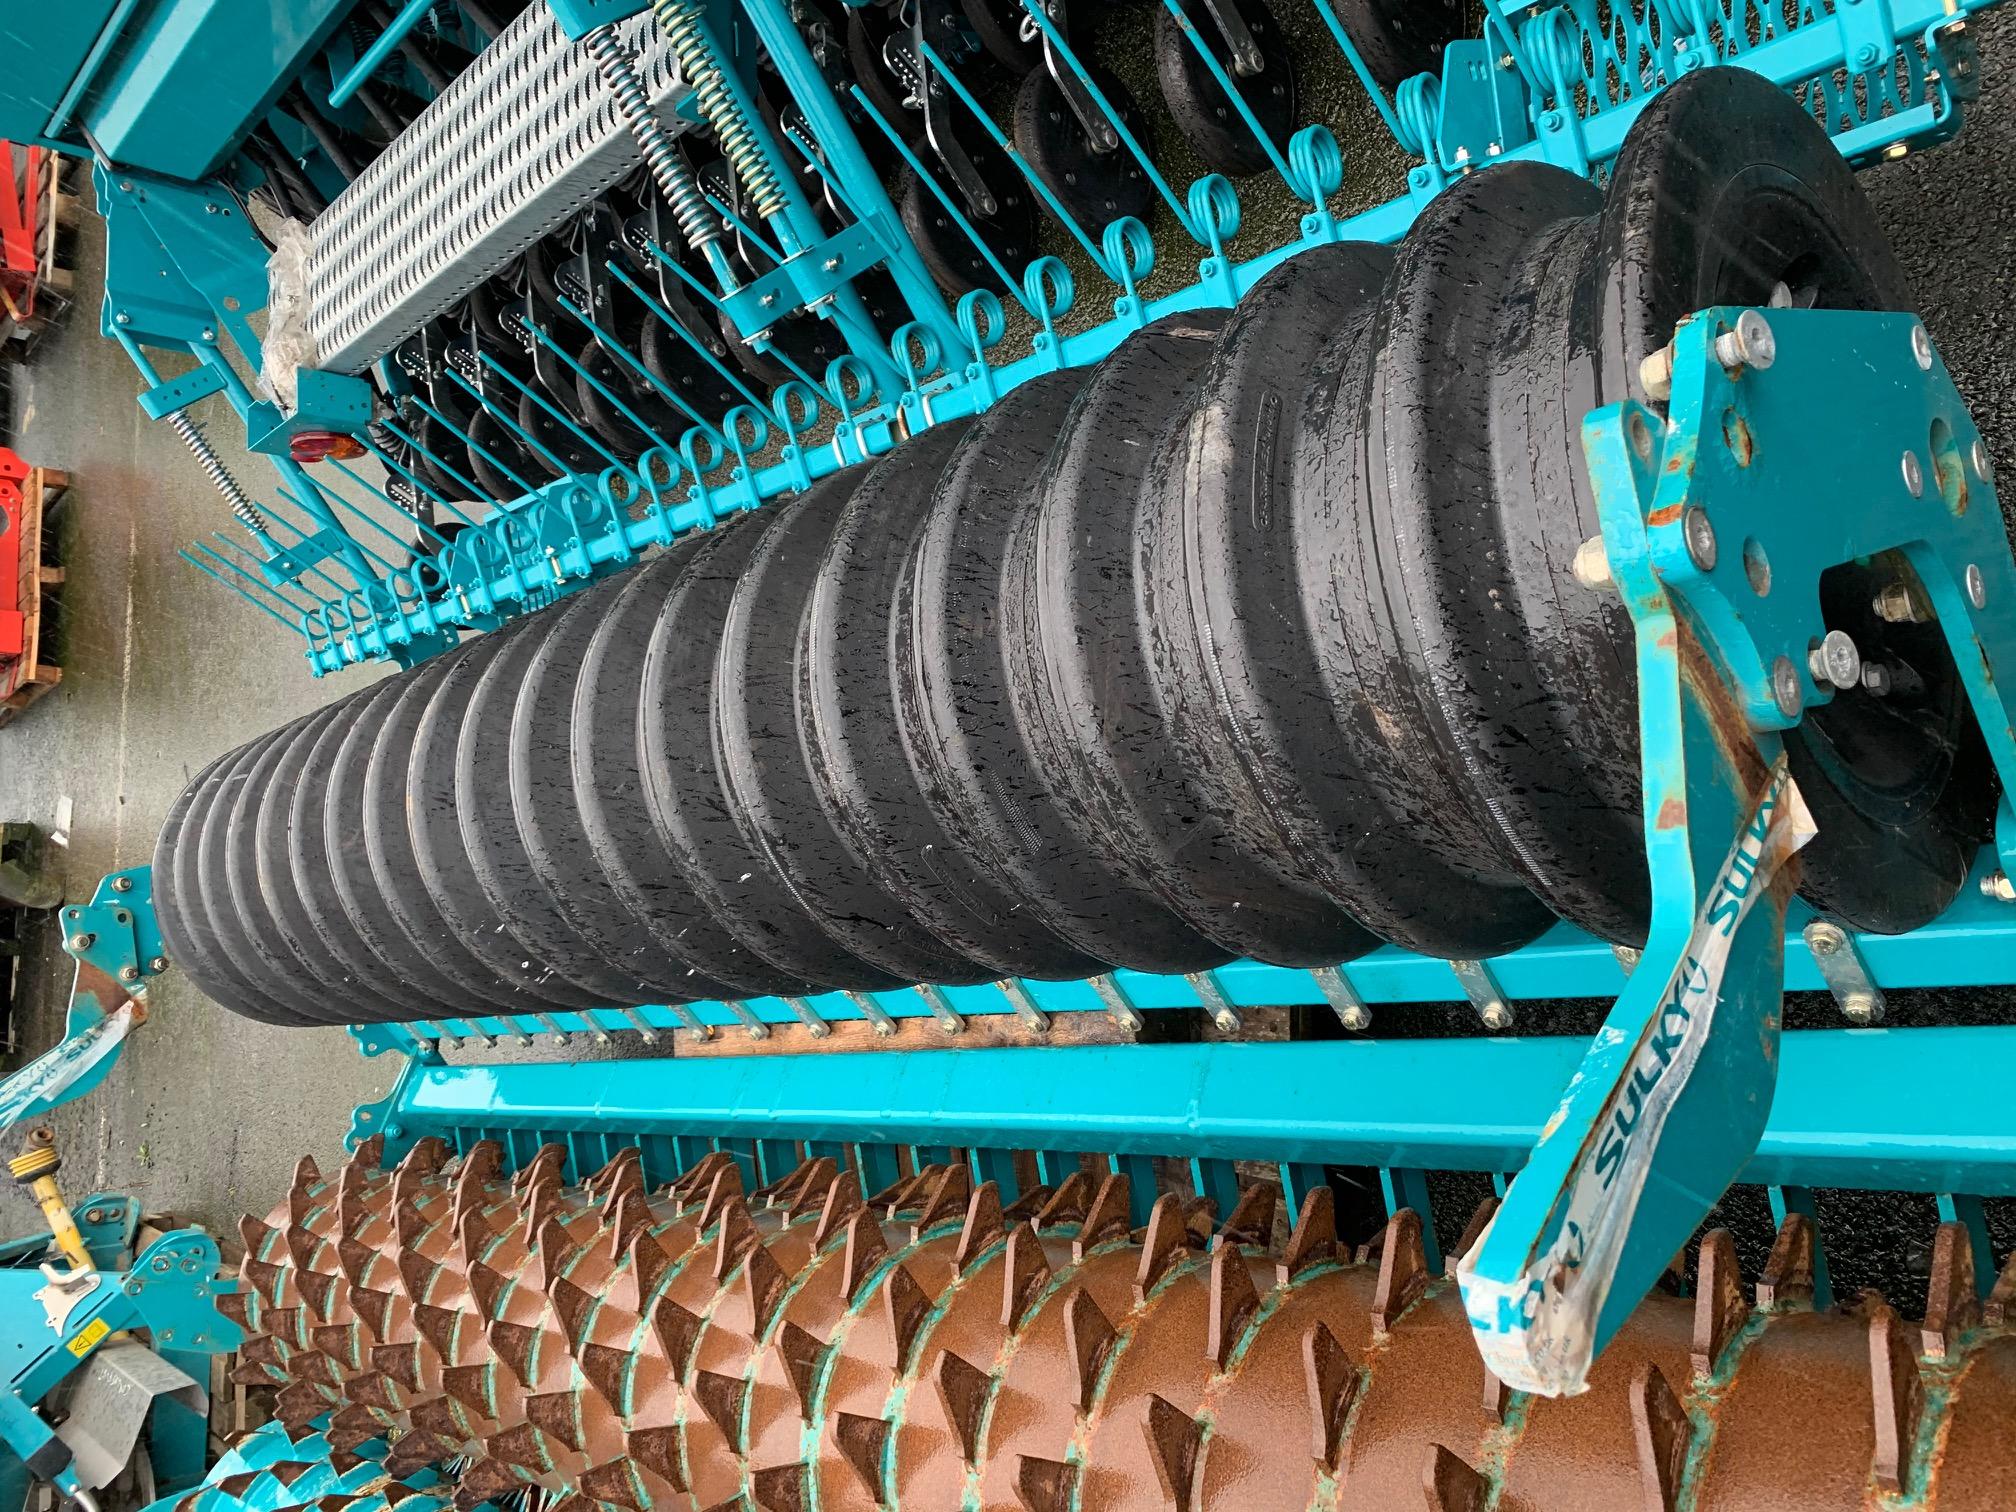 Rouleau sillonneur caoutchouc diam 580 mm – 3,0 m / 20 rangs